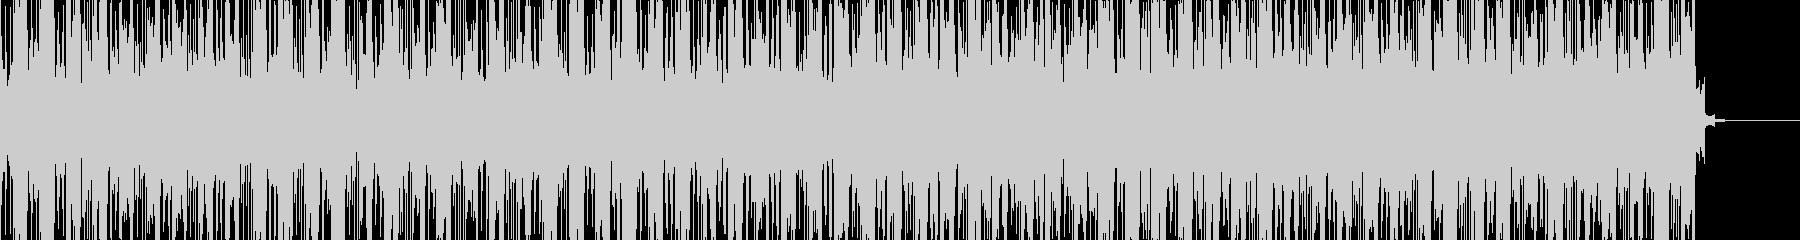 ノイジーでダークなアンビエントBGM8の未再生の波形